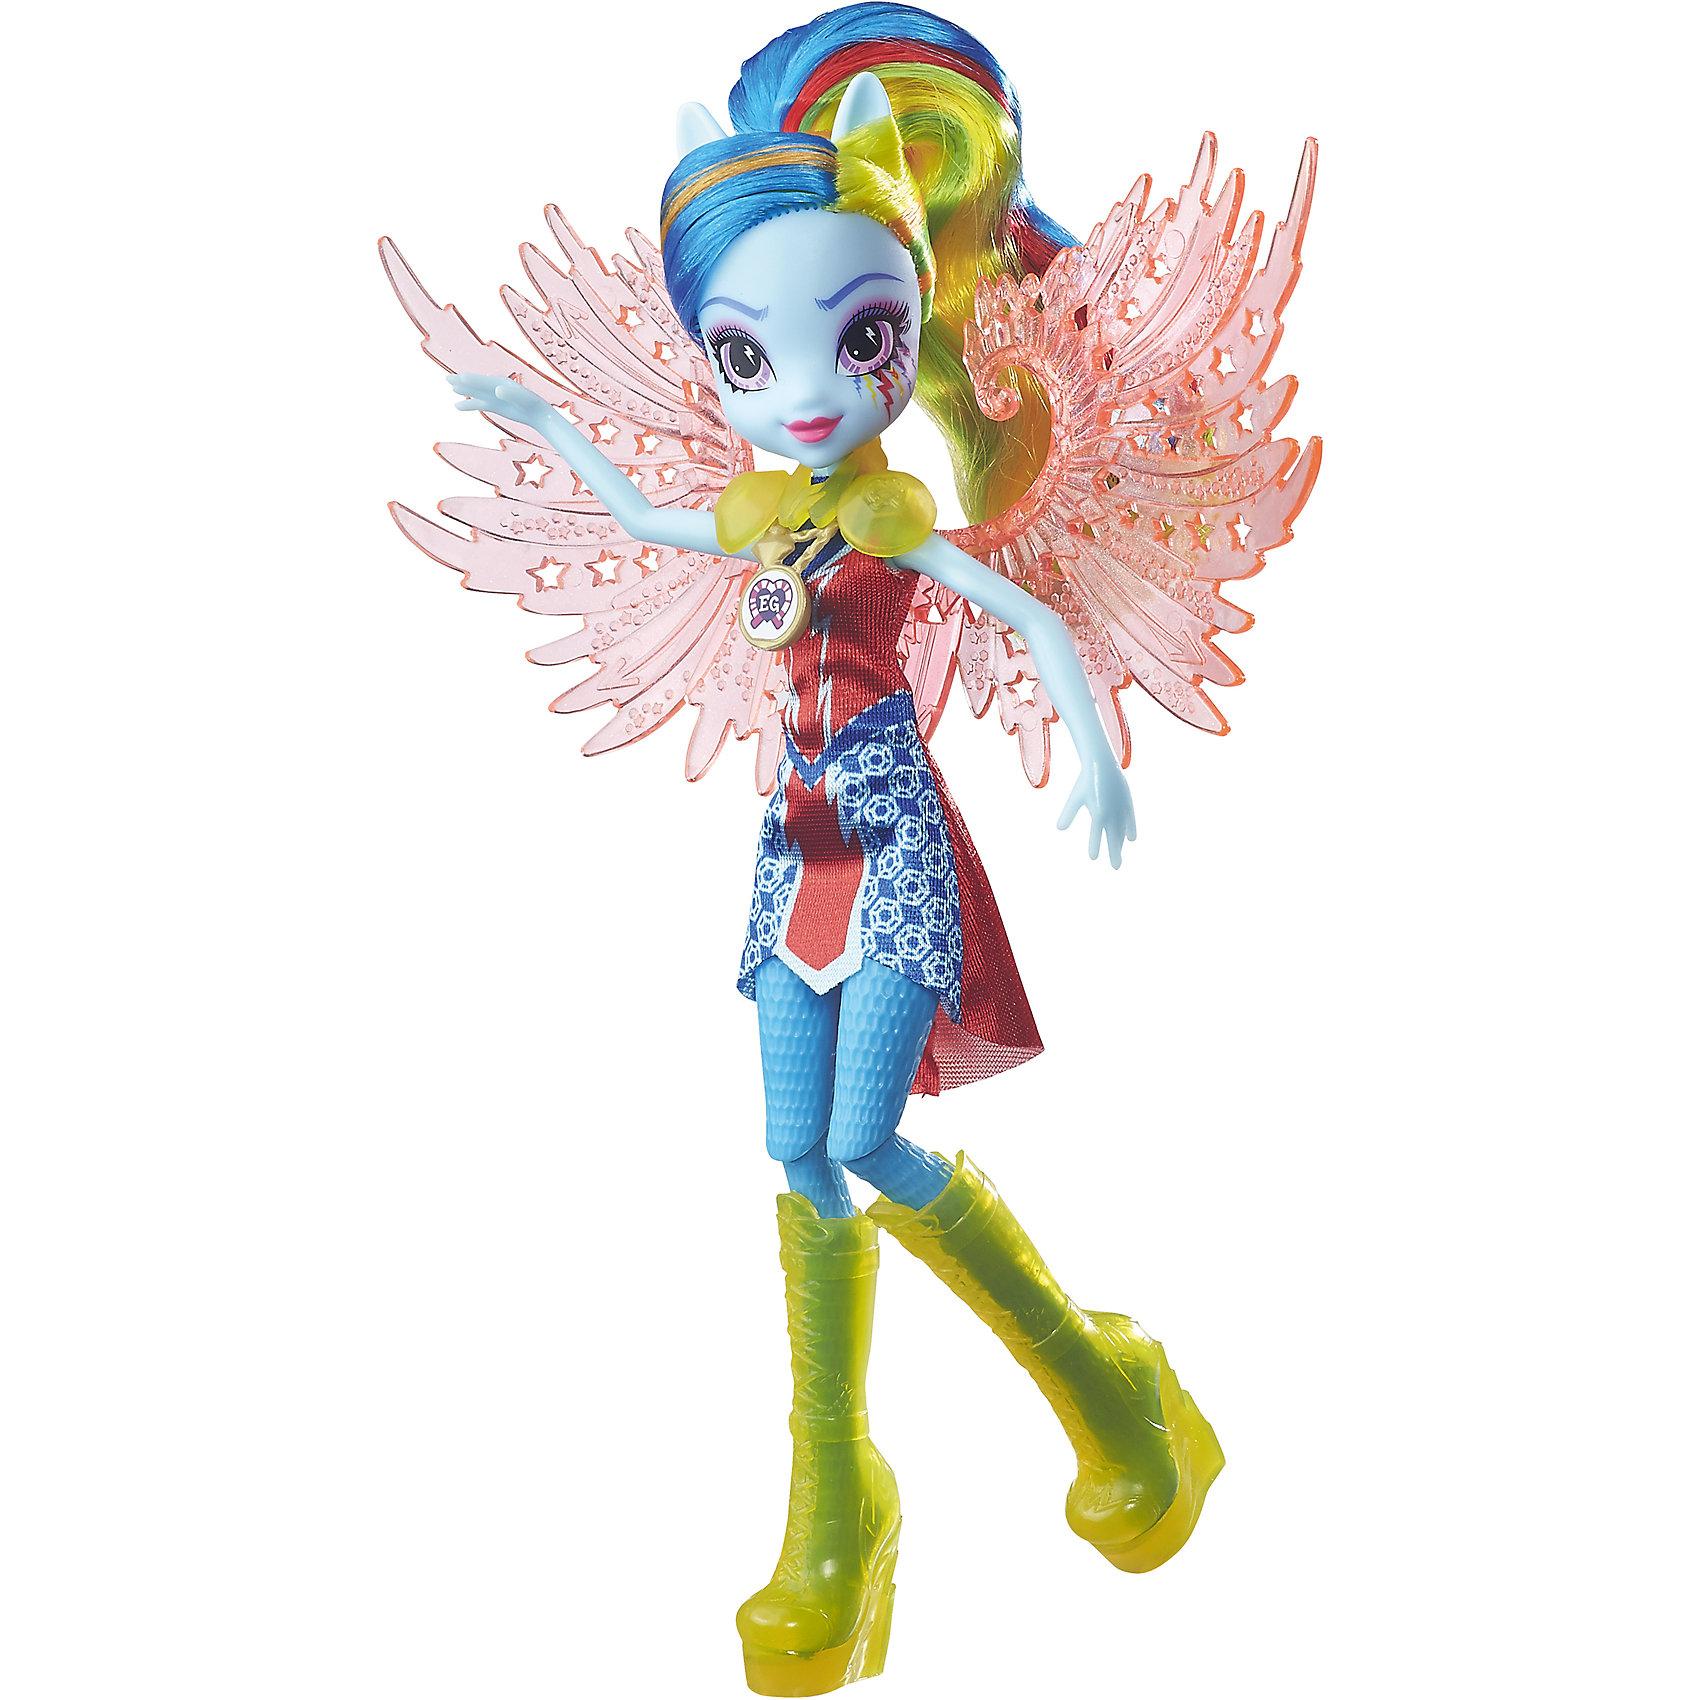 Кукла Эквестрия Герлз Легенды вечнозеленого леса Crystal Wings - Рейнбоу ДэшКуклы-модели<br>Кукла делюкс Легенда Вечнозеленого леса, с аксессуарами, Эквестрия герлз (Equestria Girls), B6479/B7533. <br><br>Характеристика: <br><br>• Материал: пластик. <br>• Размер куклы: 22 см. <br>• В комплекте кукла в одежде и обуви. <br>• Отличная детализация. <br>• Голова, руки, ноги подвижные (9 точек артикуляции). <br>• Реалистичные позы. <br>• Специальный код, с помощью которого можно разблокировать новые наряды и аксессуары в мобильном приложения MY LITTLE PONY EQUESTRIA GIRLS.<br><br>Очаровательные девочки Эквестрии приведут в восторг всех поклонниц My little Pony (Май литл Пони)! Красавица Радуга Дэш имеет нежно-голубую кожу и ярко-голубые волосы с разноцветными прядями, из них получится множество удивительных причесок. Стильная обувь, аксессуары и оригинальный наряд с прозрачными крыльями делают девочку просто неотразимой! Множество точек артикуляции и отличная детализация делают игры с куклой еще увлекательнее и интереснее. <br><br>Собери всех кукол коллекции, проигрывай любимые сюжеты, придумывай свои новые истории или устрой веселую вечеринку в стиле My little Pony (Моя маленькая Пони). <br><br>Куклу делюкс Легенда Вечнозеленого леса, с аксессуарами, Эквестрия герлз (Equestria Girls), B6479/B7533, можно купить в нашем интернет-магазине.<br><br>Ширина мм: 50<br>Глубина мм: 190<br>Высота мм: 305<br>Вес г: 290<br>Возраст от месяцев: 60<br>Возраст до месяцев: 144<br>Пол: Женский<br>Возраст: Детский<br>SKU: 5395773